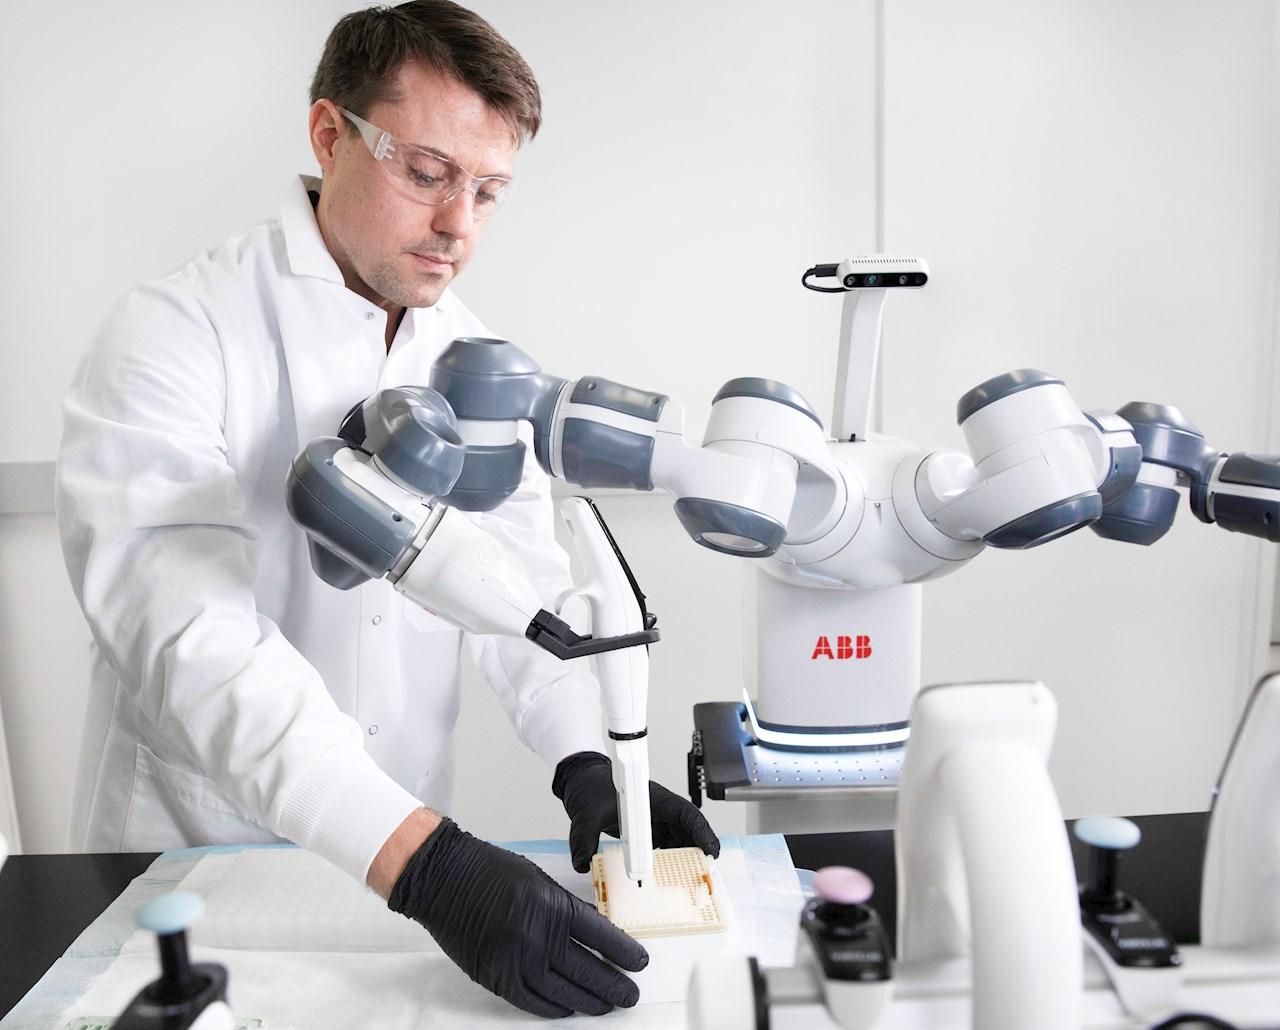 ABB utvikler roboter for å gjennomføre repeterende, skjøre og hverdagslige oppgaver sammen med mennesker.